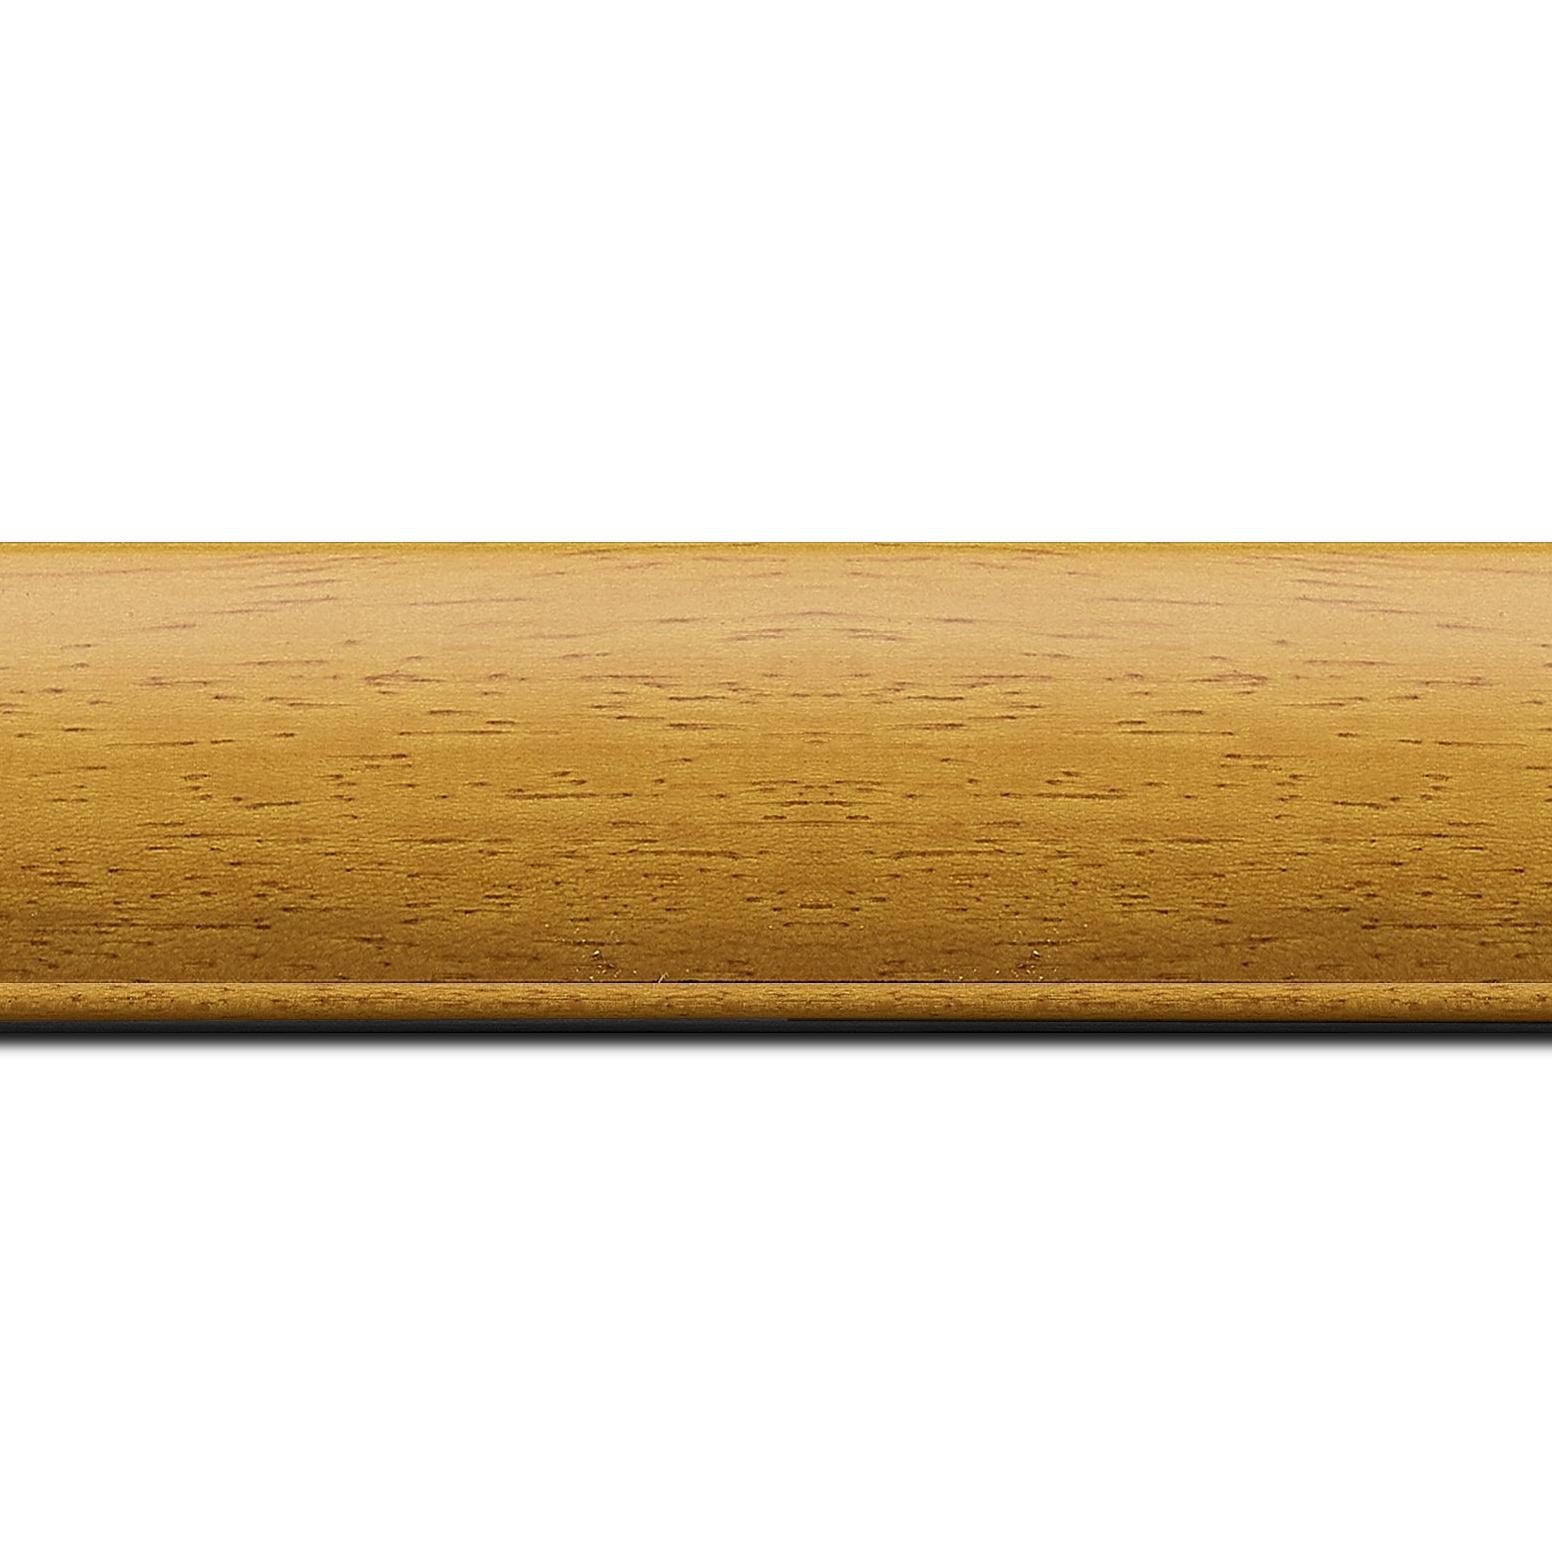 Baguette longueur 1.40m bois profil arrondi largeur 4.7cm couleur jaune tournesol satiné rehaussé d'un filet noir